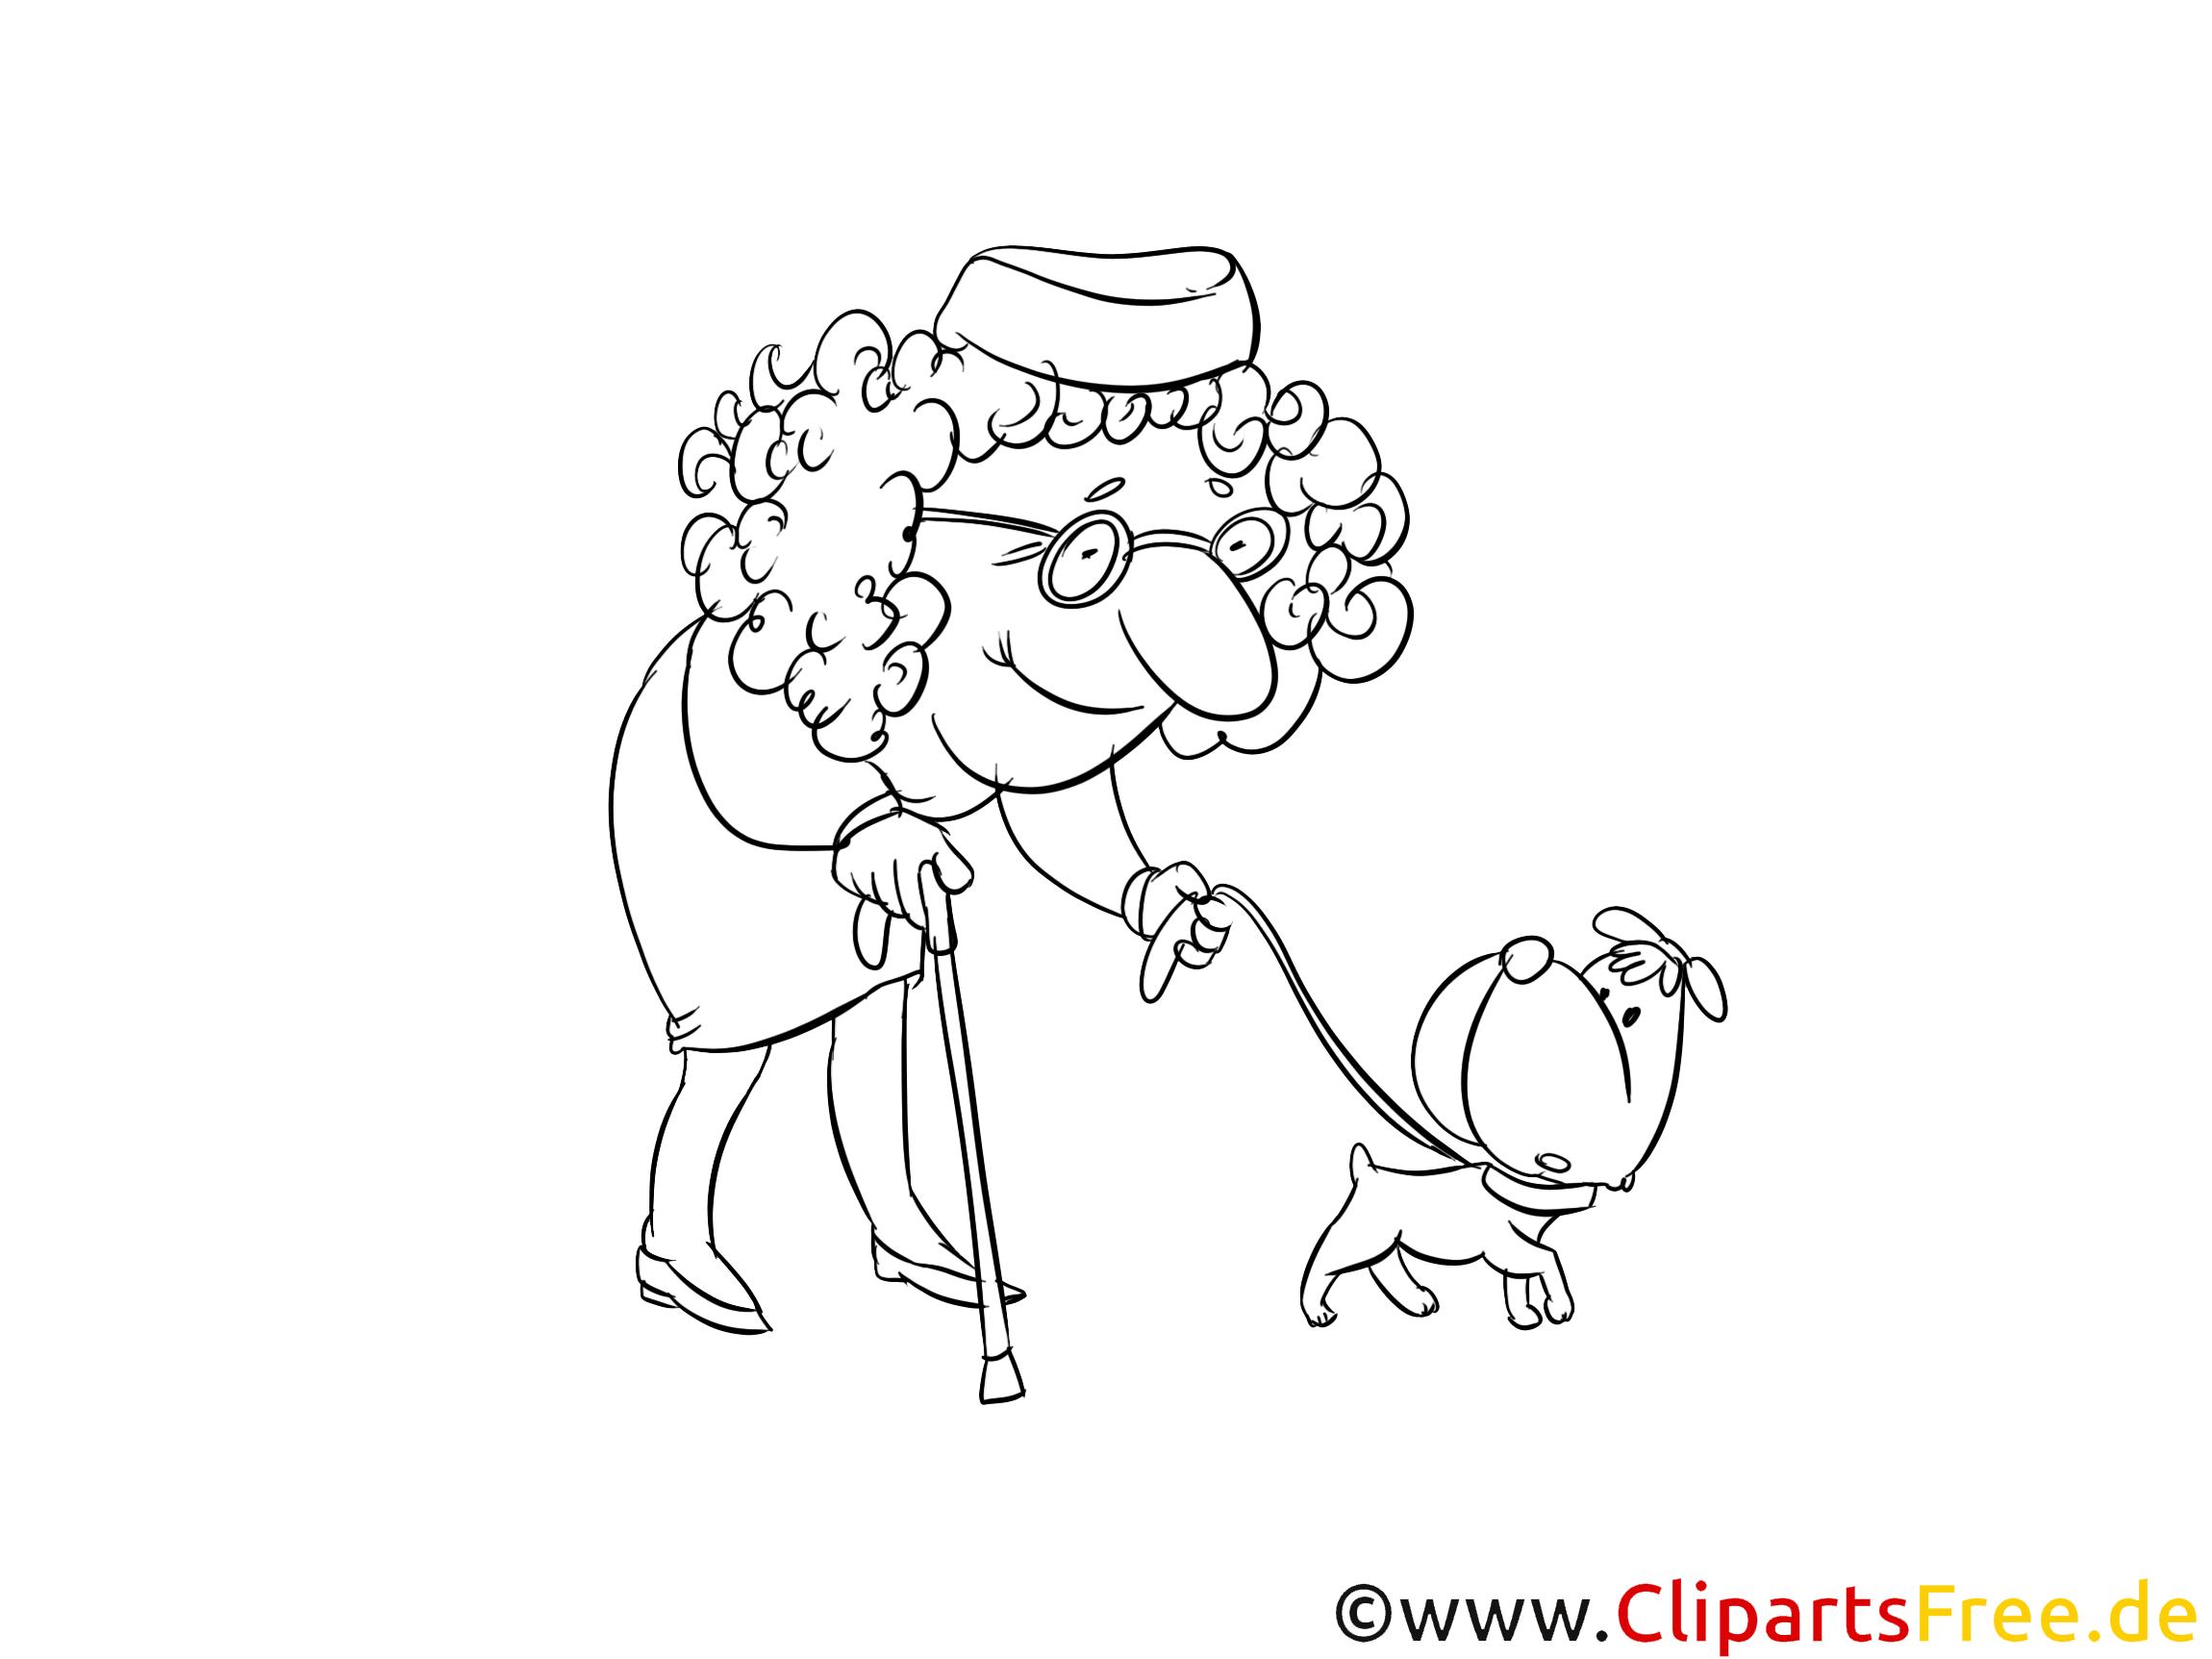 Oma mit Hund Ausmalbild